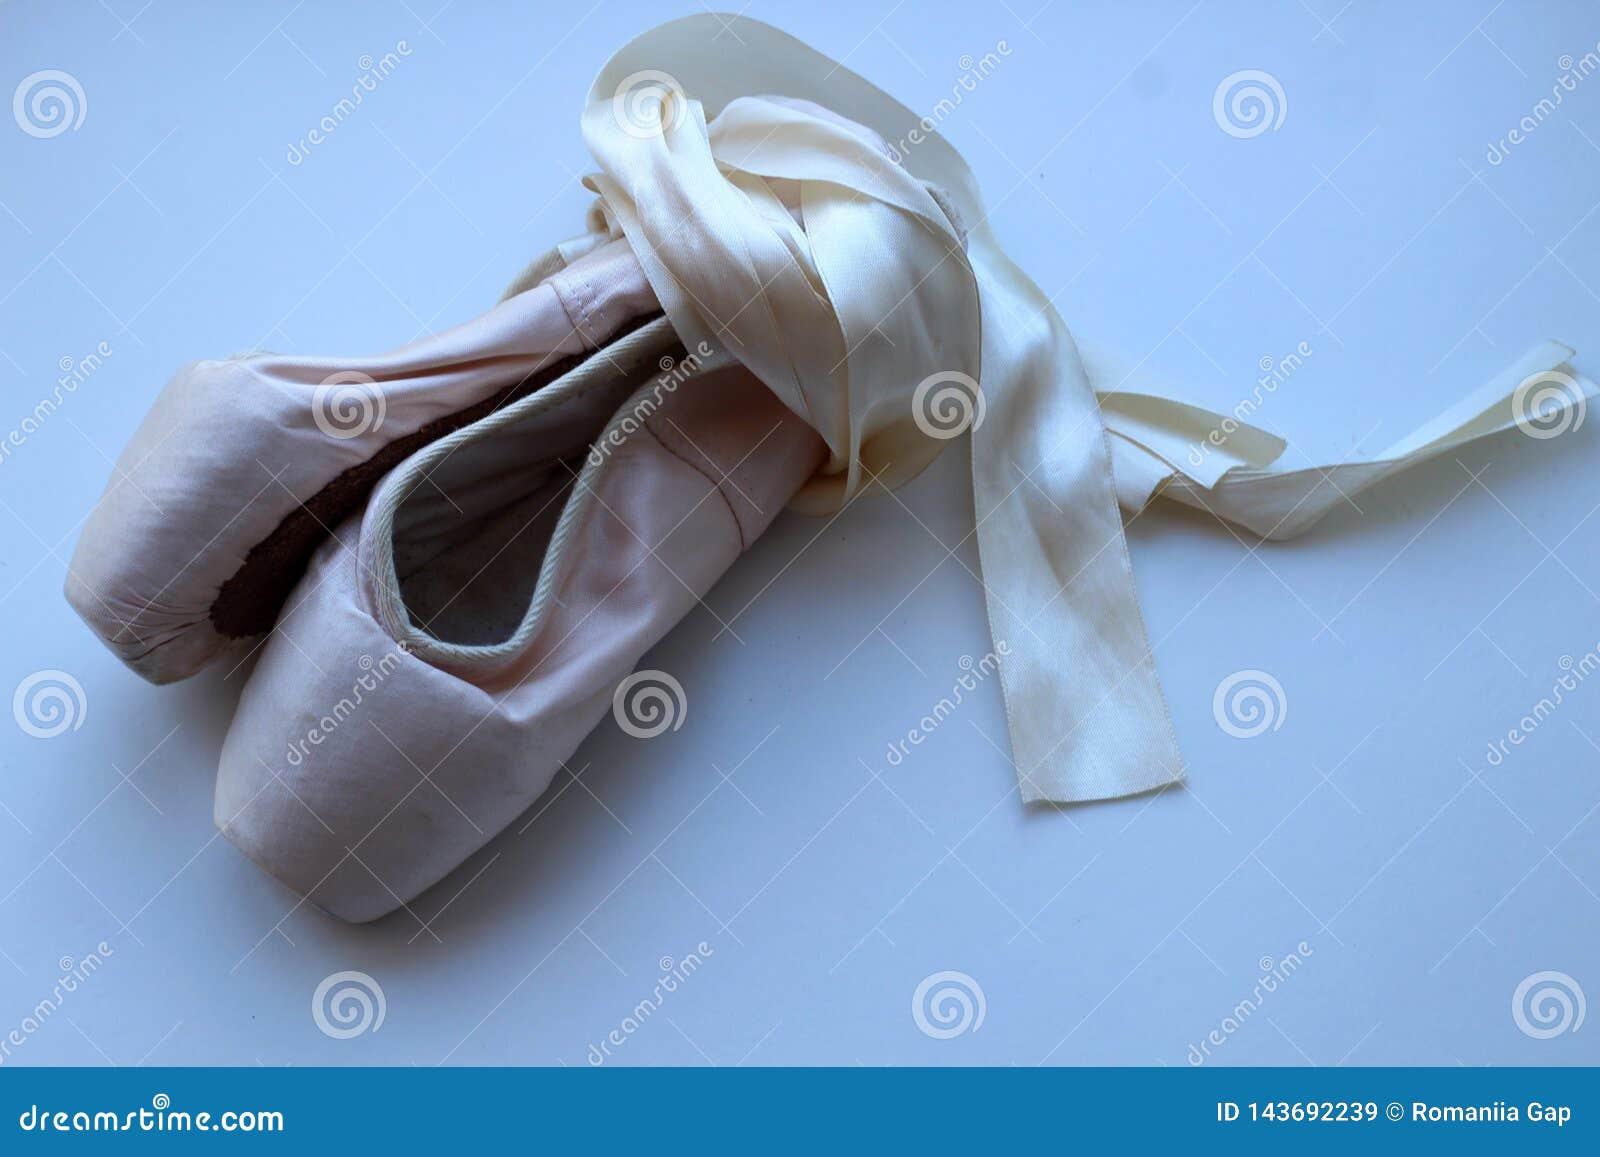 Pozioni affinchè ragazze ballino balletto classico di ballo